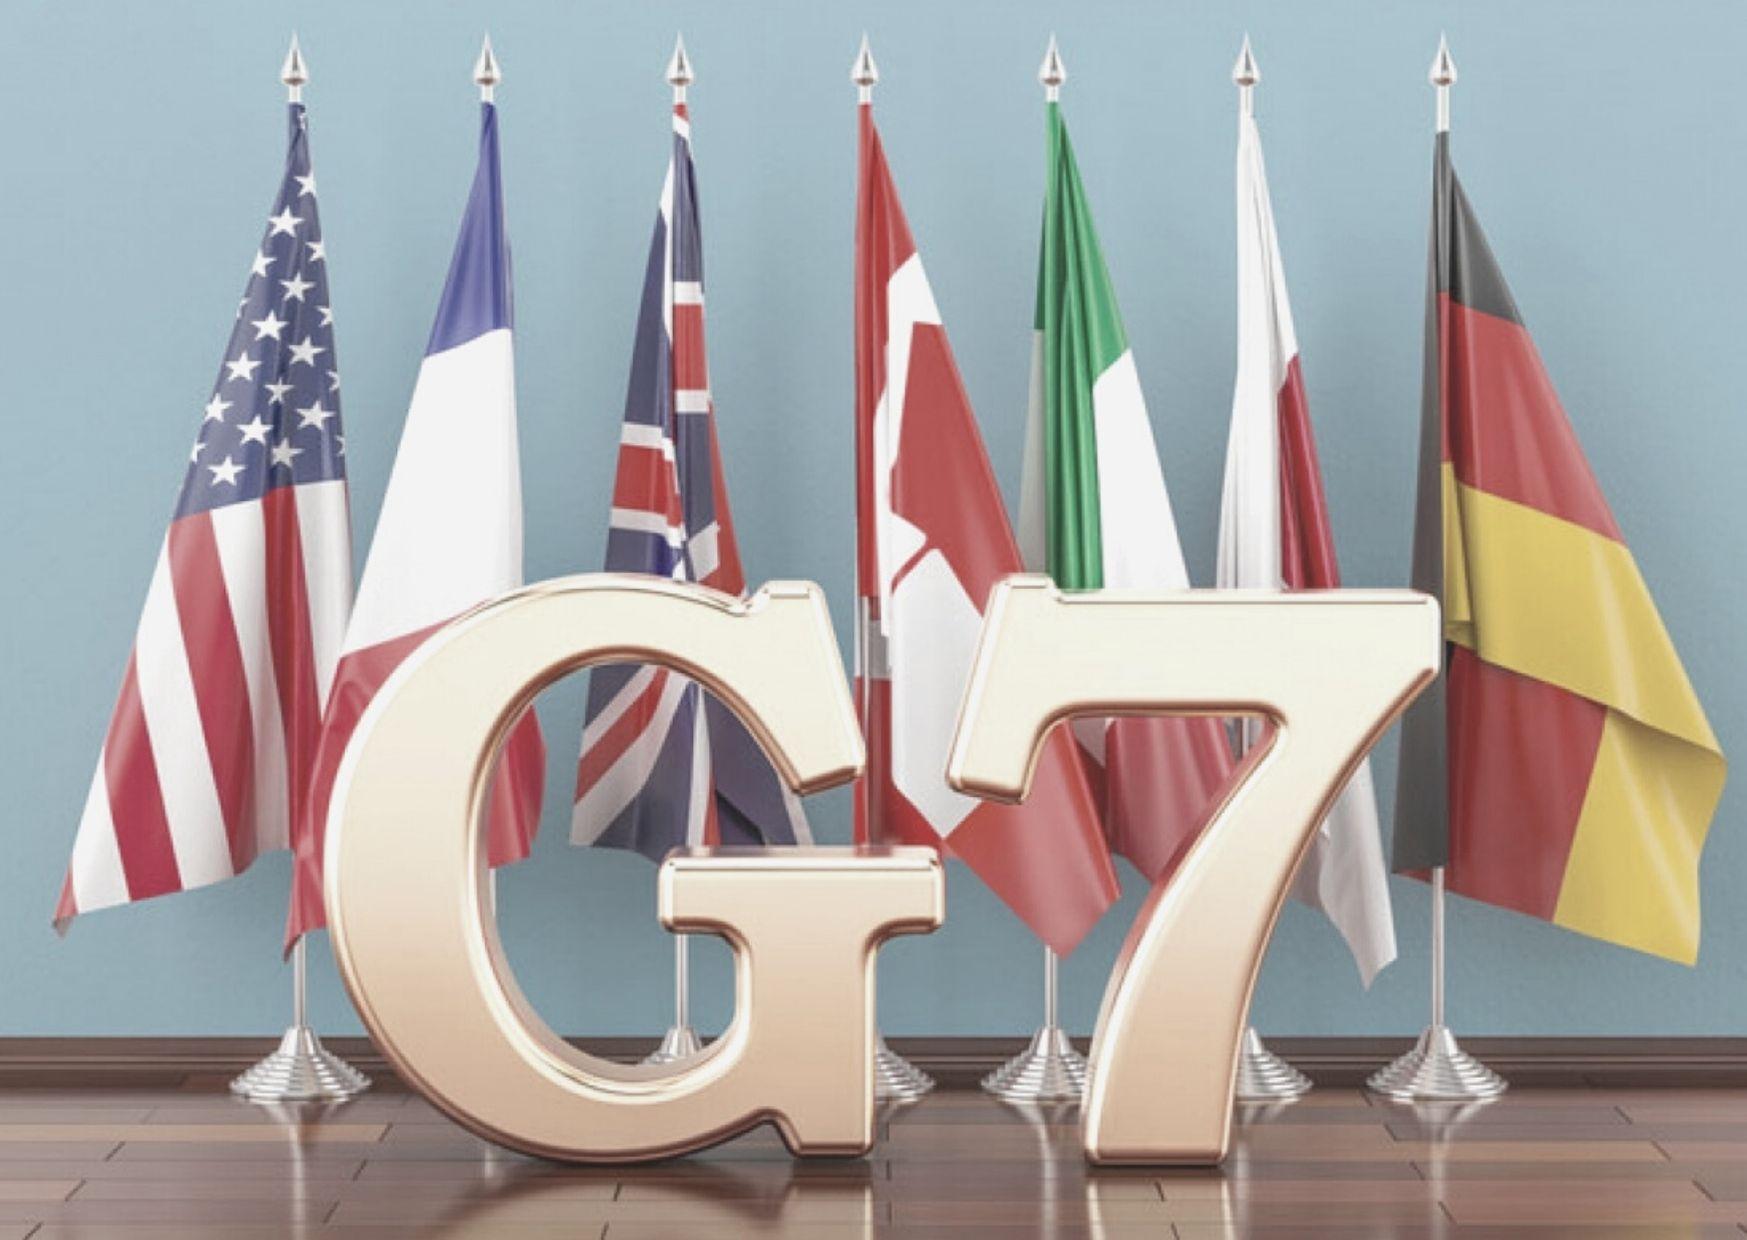 МИД России дал свой ответ странам G7